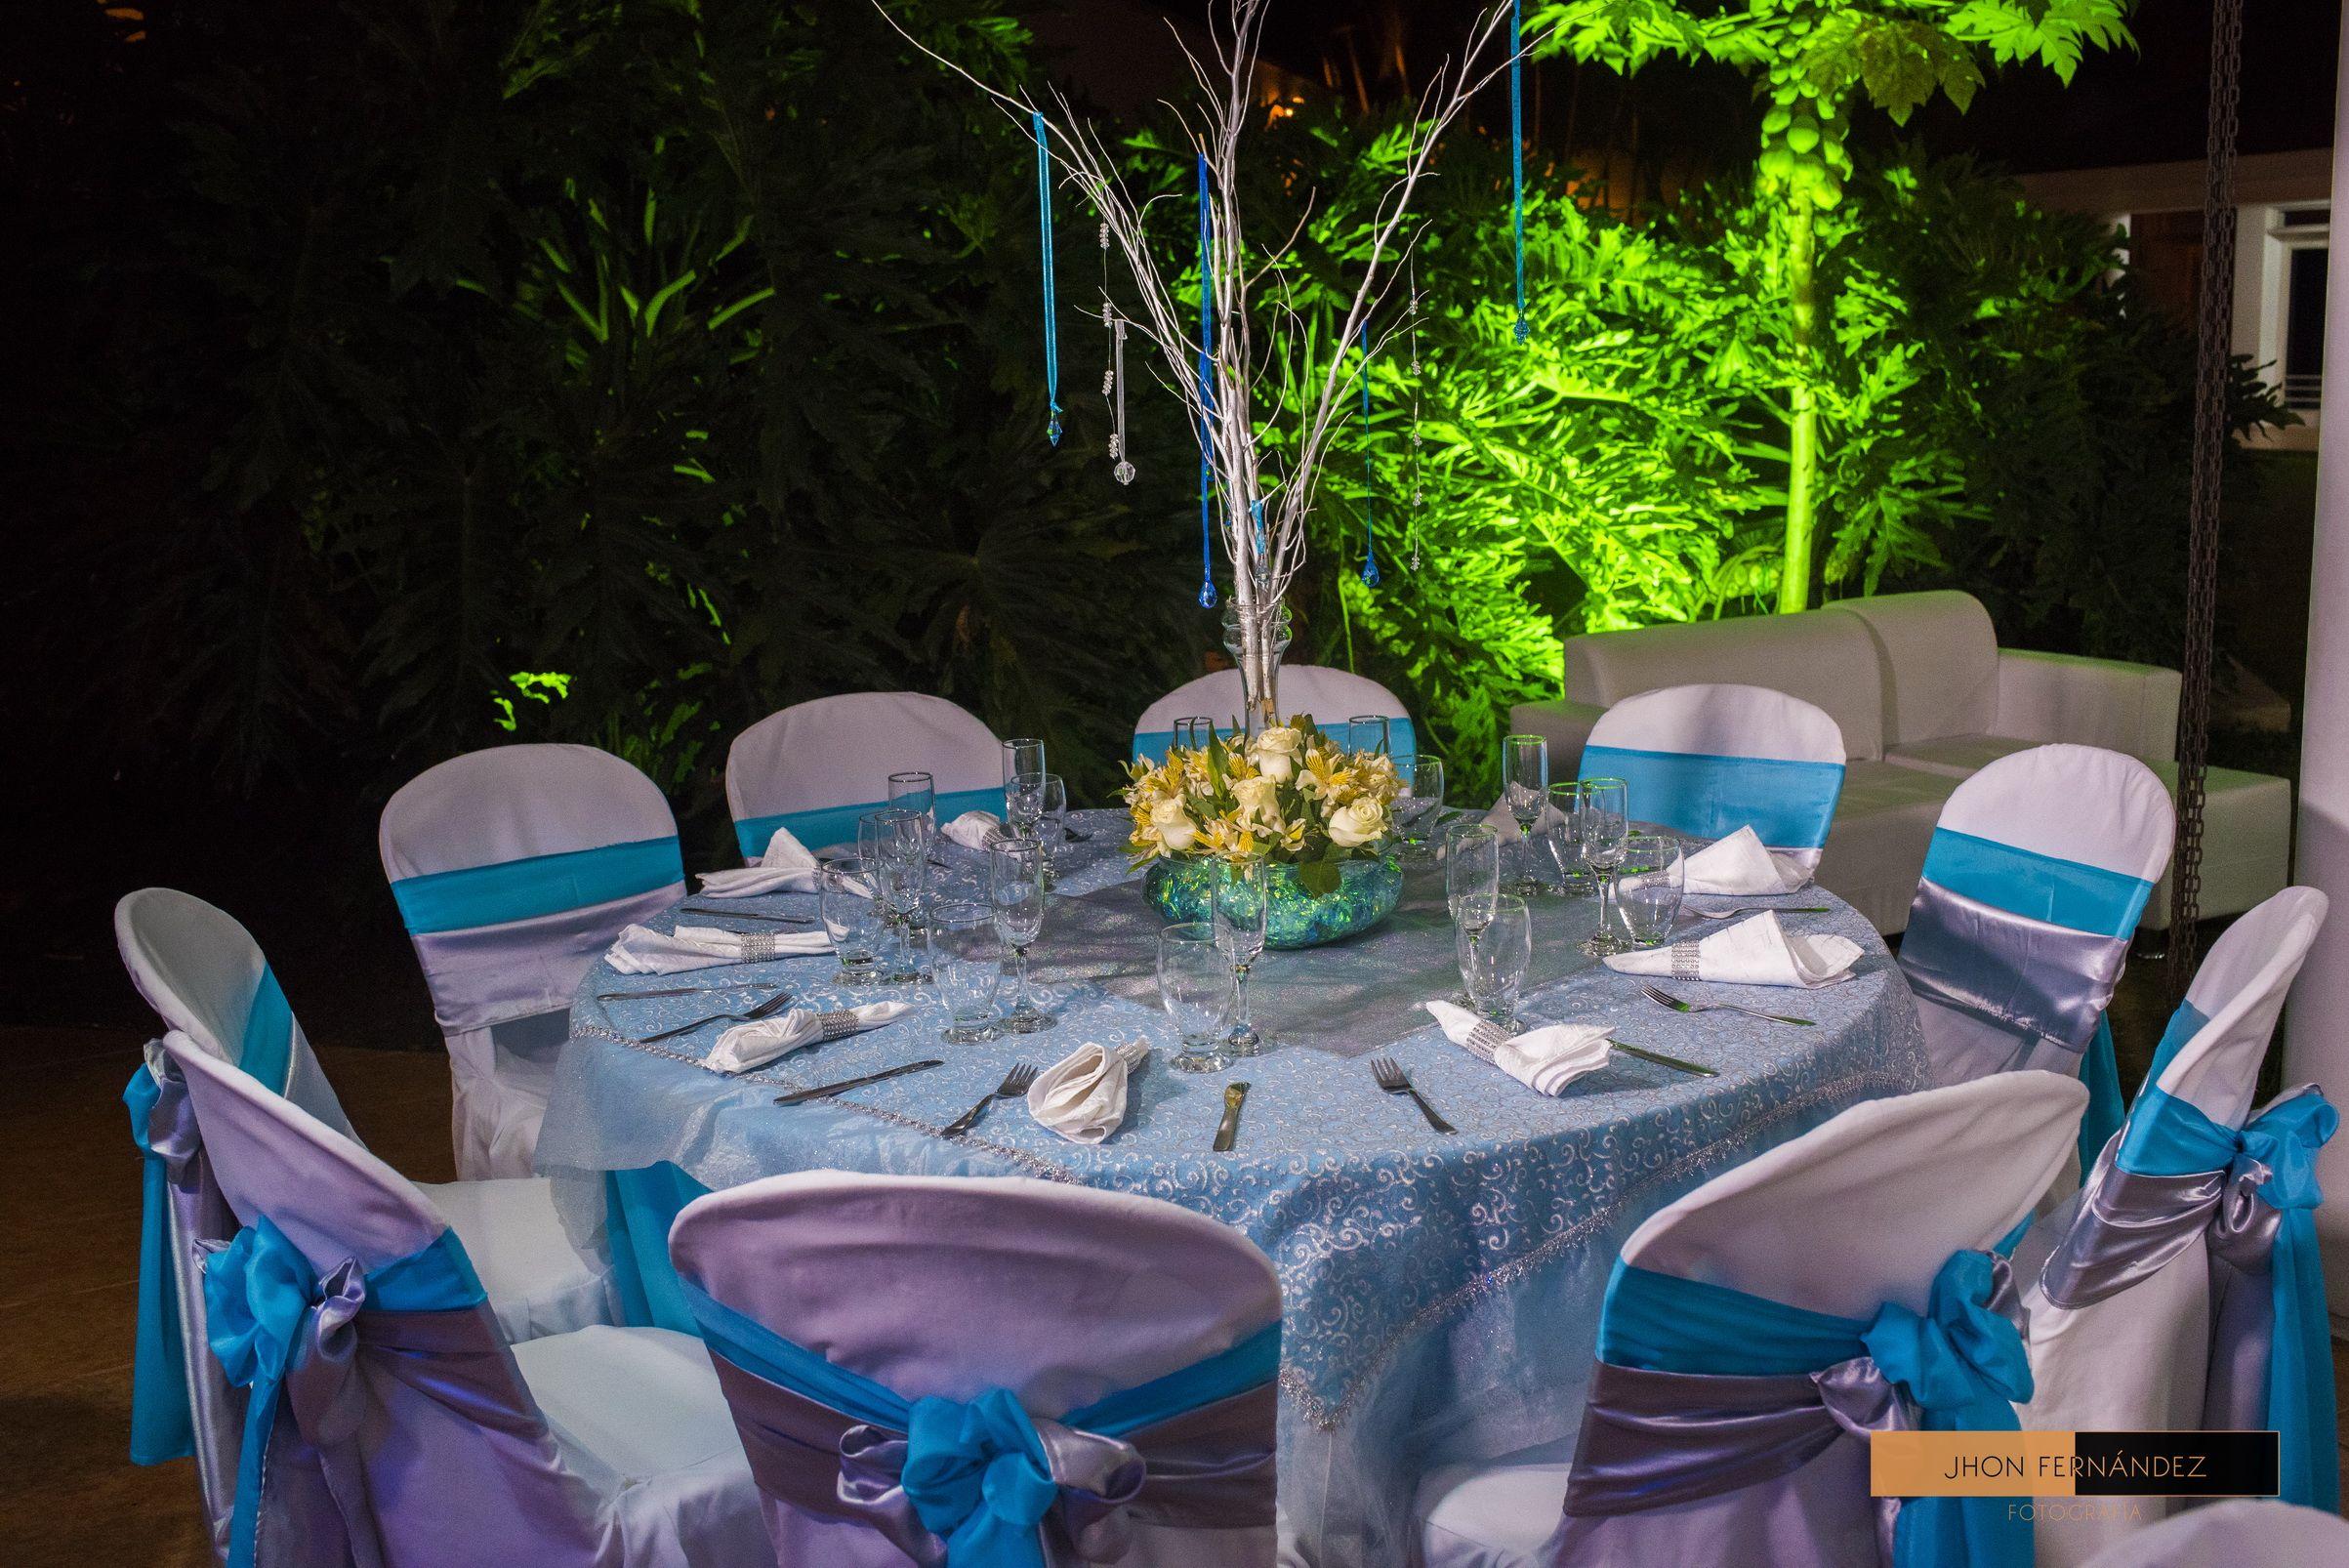 Una Fiesta Deslumbrante Decorada Con Los Más Hermosos Cristales Para Ti Más Información Sobre Eventos Mat Decoracion Salones Casas Planeacion De Eventos